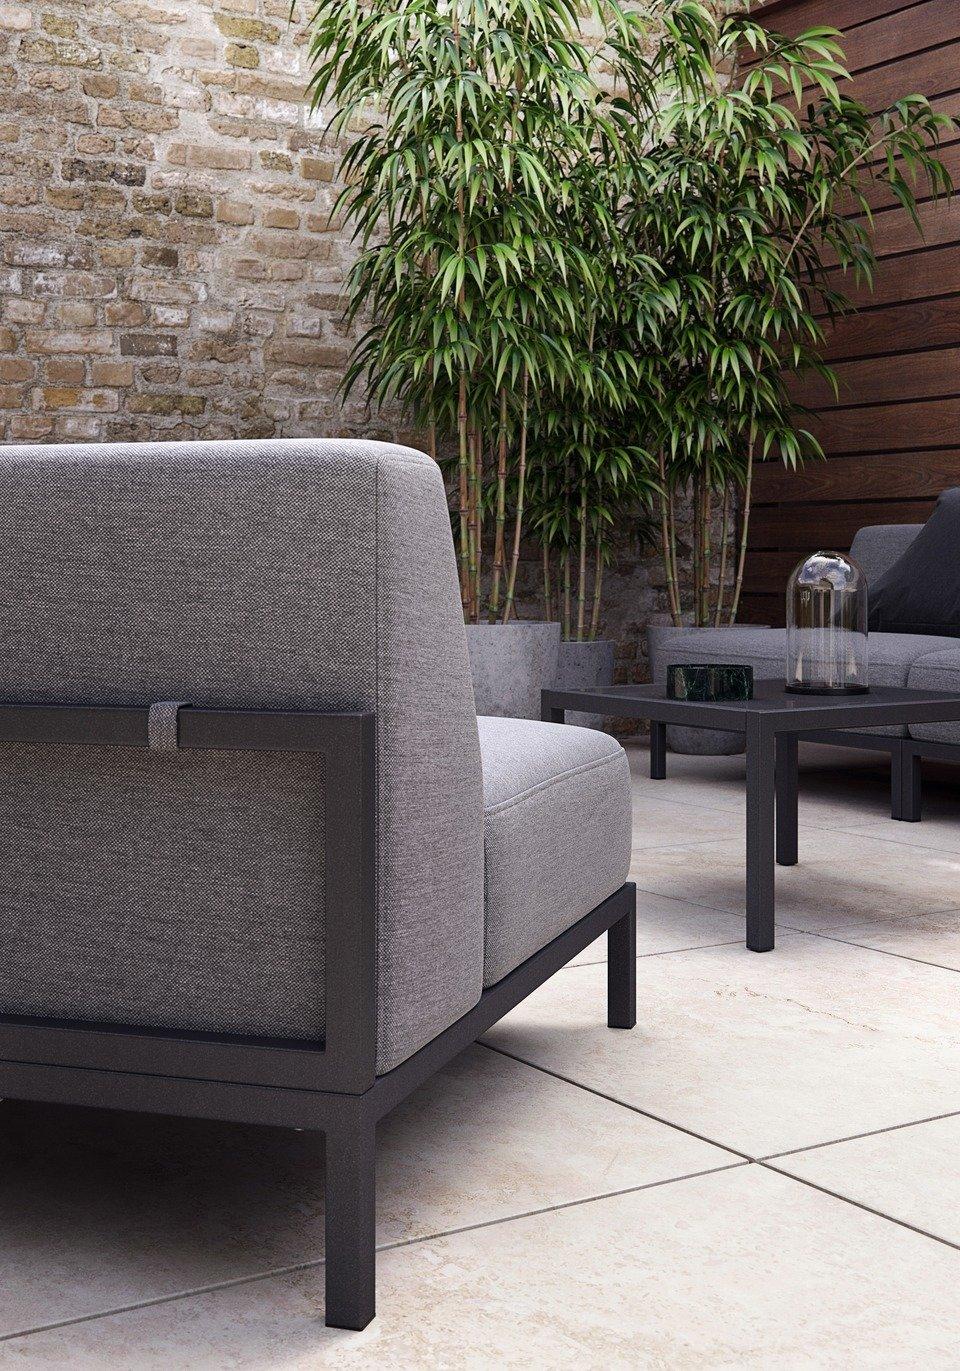 Sofa ogrodowa Rome (1 moduł: 310), cena 4.979,-<br>Stolik kawowy ogrodowy Rome (mniejszy), cena 1.659,